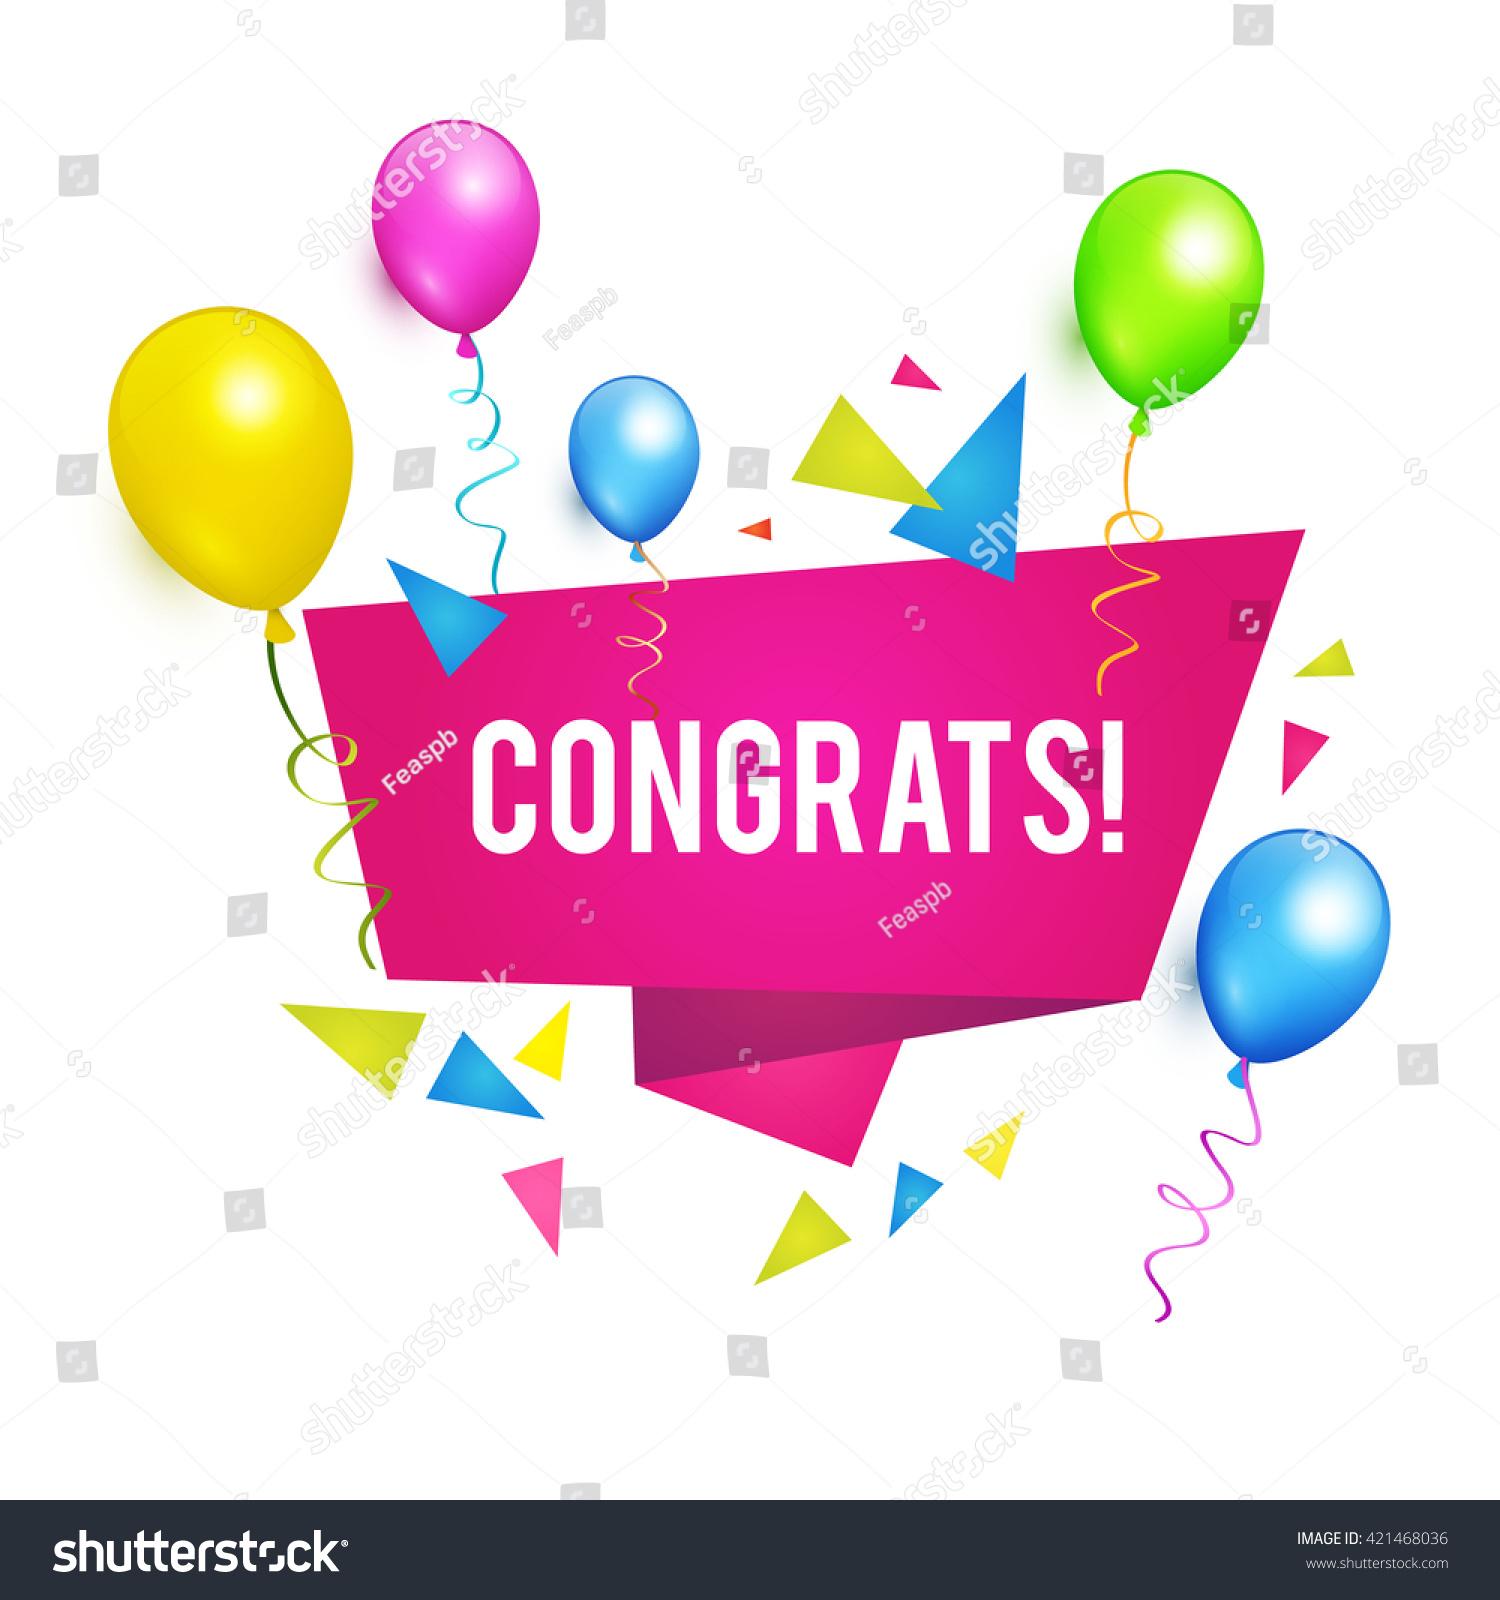 congrats congratulations banner balloons win birthday